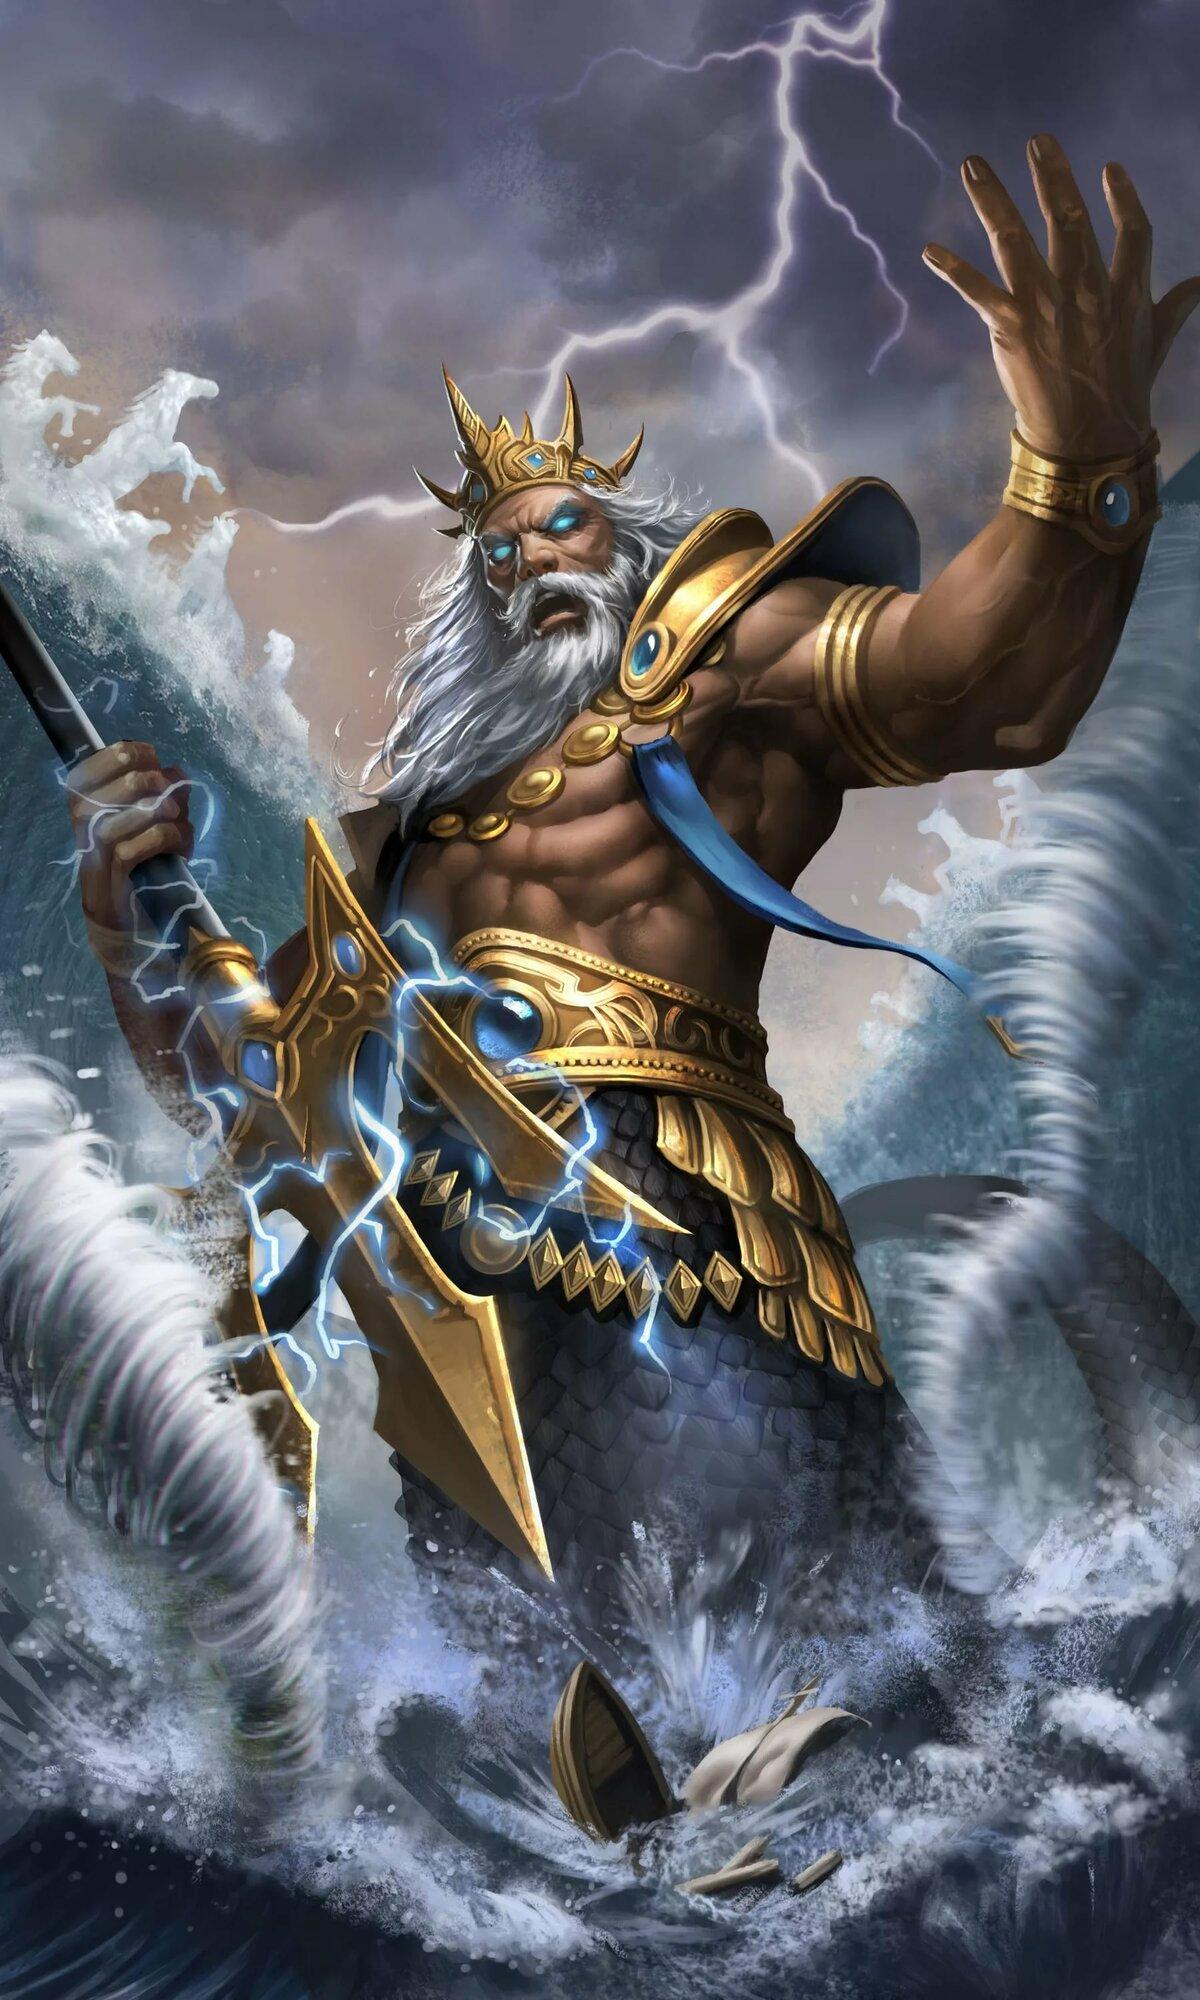 Нептун картинка бога